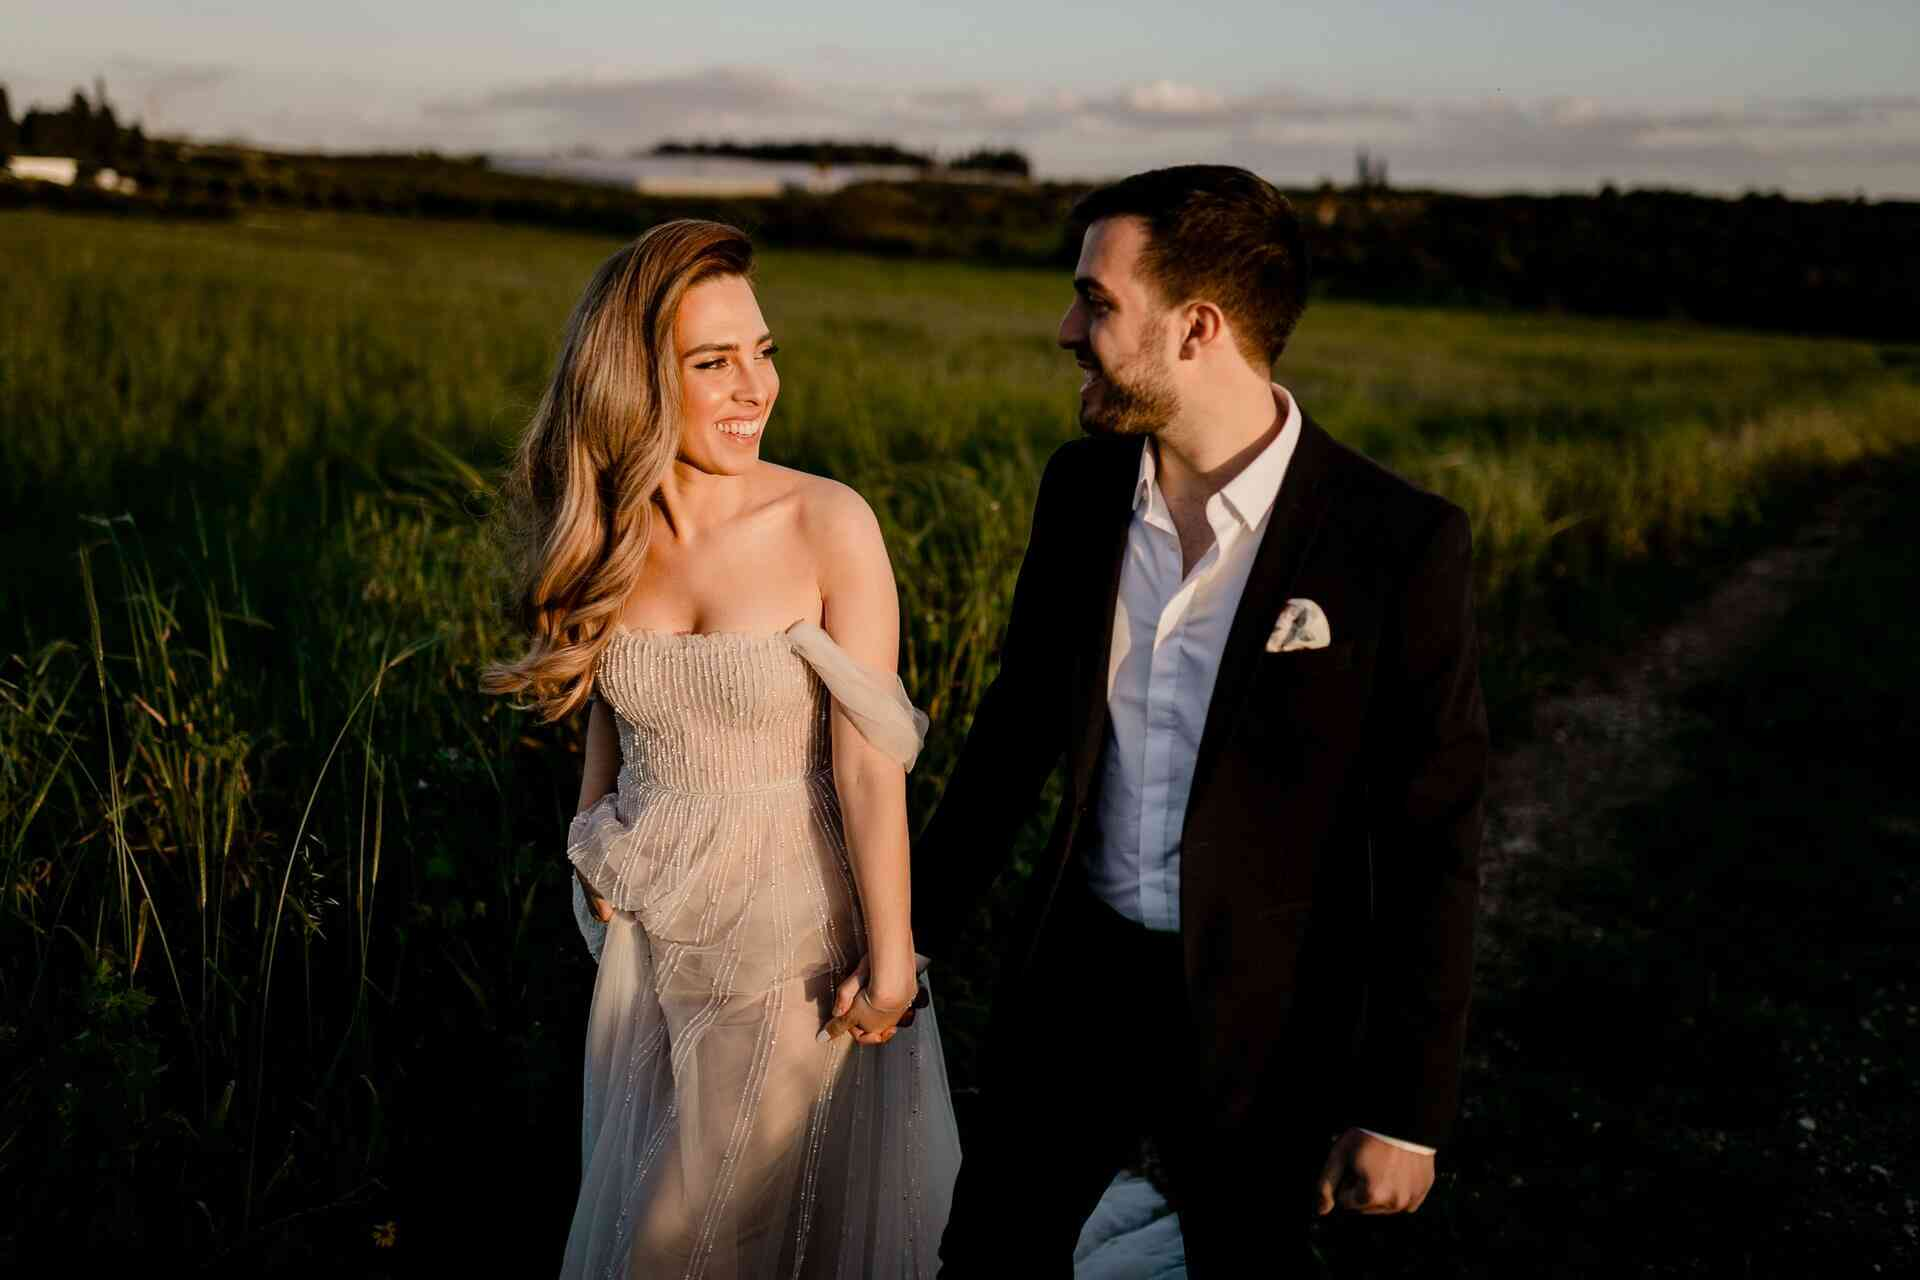 עיצוב טבעי עם טאצ' יוקרתי: חתונה רומנטית בחוות רונית